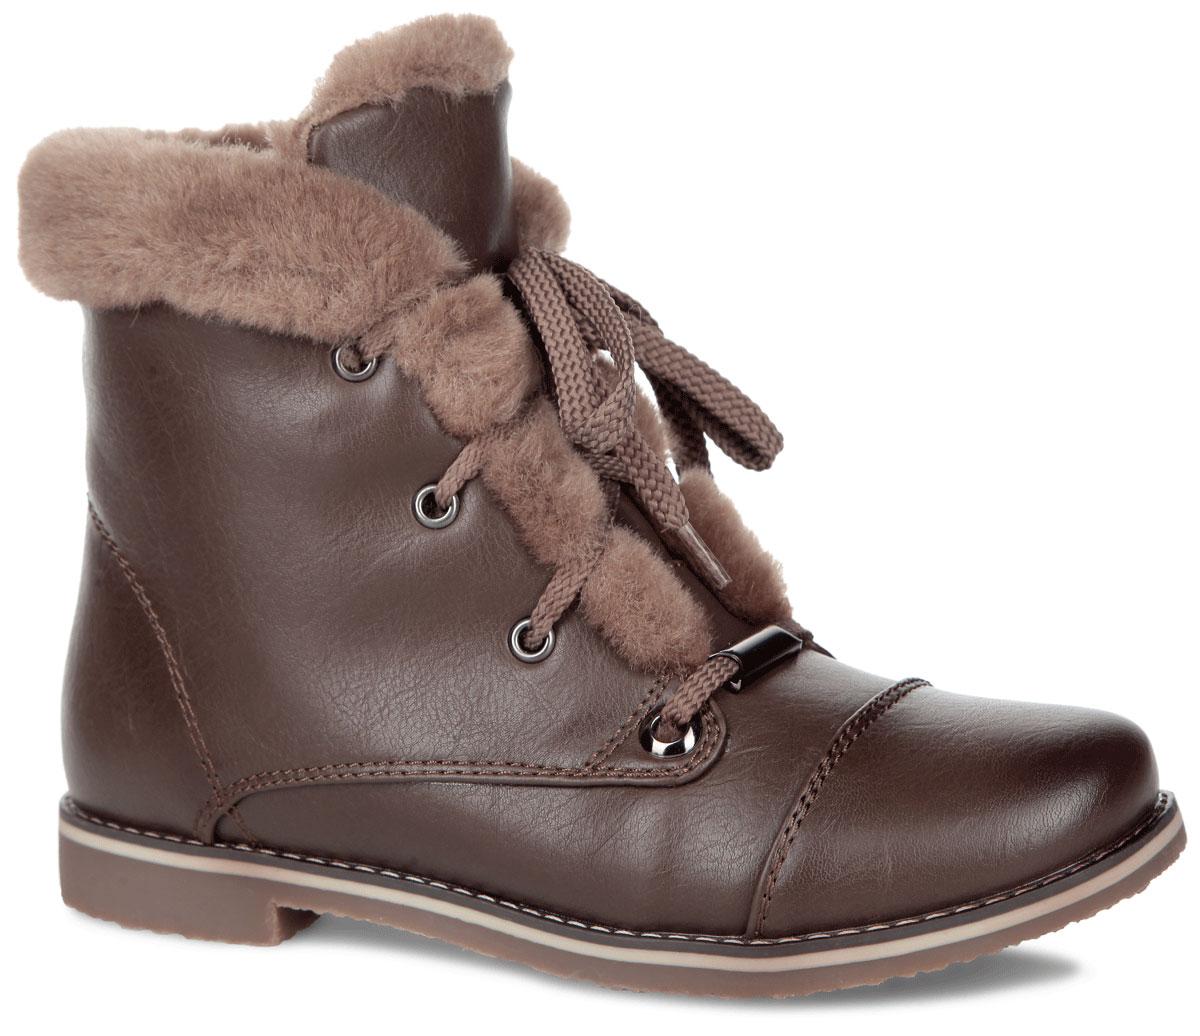 Ботинки женские. 35-51-02D35-51-02DНевероятно удобные ботинки от Makfly придутся вам по душе! Модель выполнена из искусственной кожи и дополнена фактурными швами. Верх изделия и берцы дополнены оторочкой из искусственного меха. Ботинки застегиваются на застежку-молнию, расположенную на одной из боковых сторон. Шнуровка позволит оптимально зафиксировать обувь на ноге и отрегулировать объем. Подкладка и стелька - из искусственного меха, согреют ваши ноги в холодную погоду. Подошва с протектором в виде оригинального рисунка гарантирует идеальное сцепление на любой поверхности. Модные ботинки покорят вас уютом и комфортом!